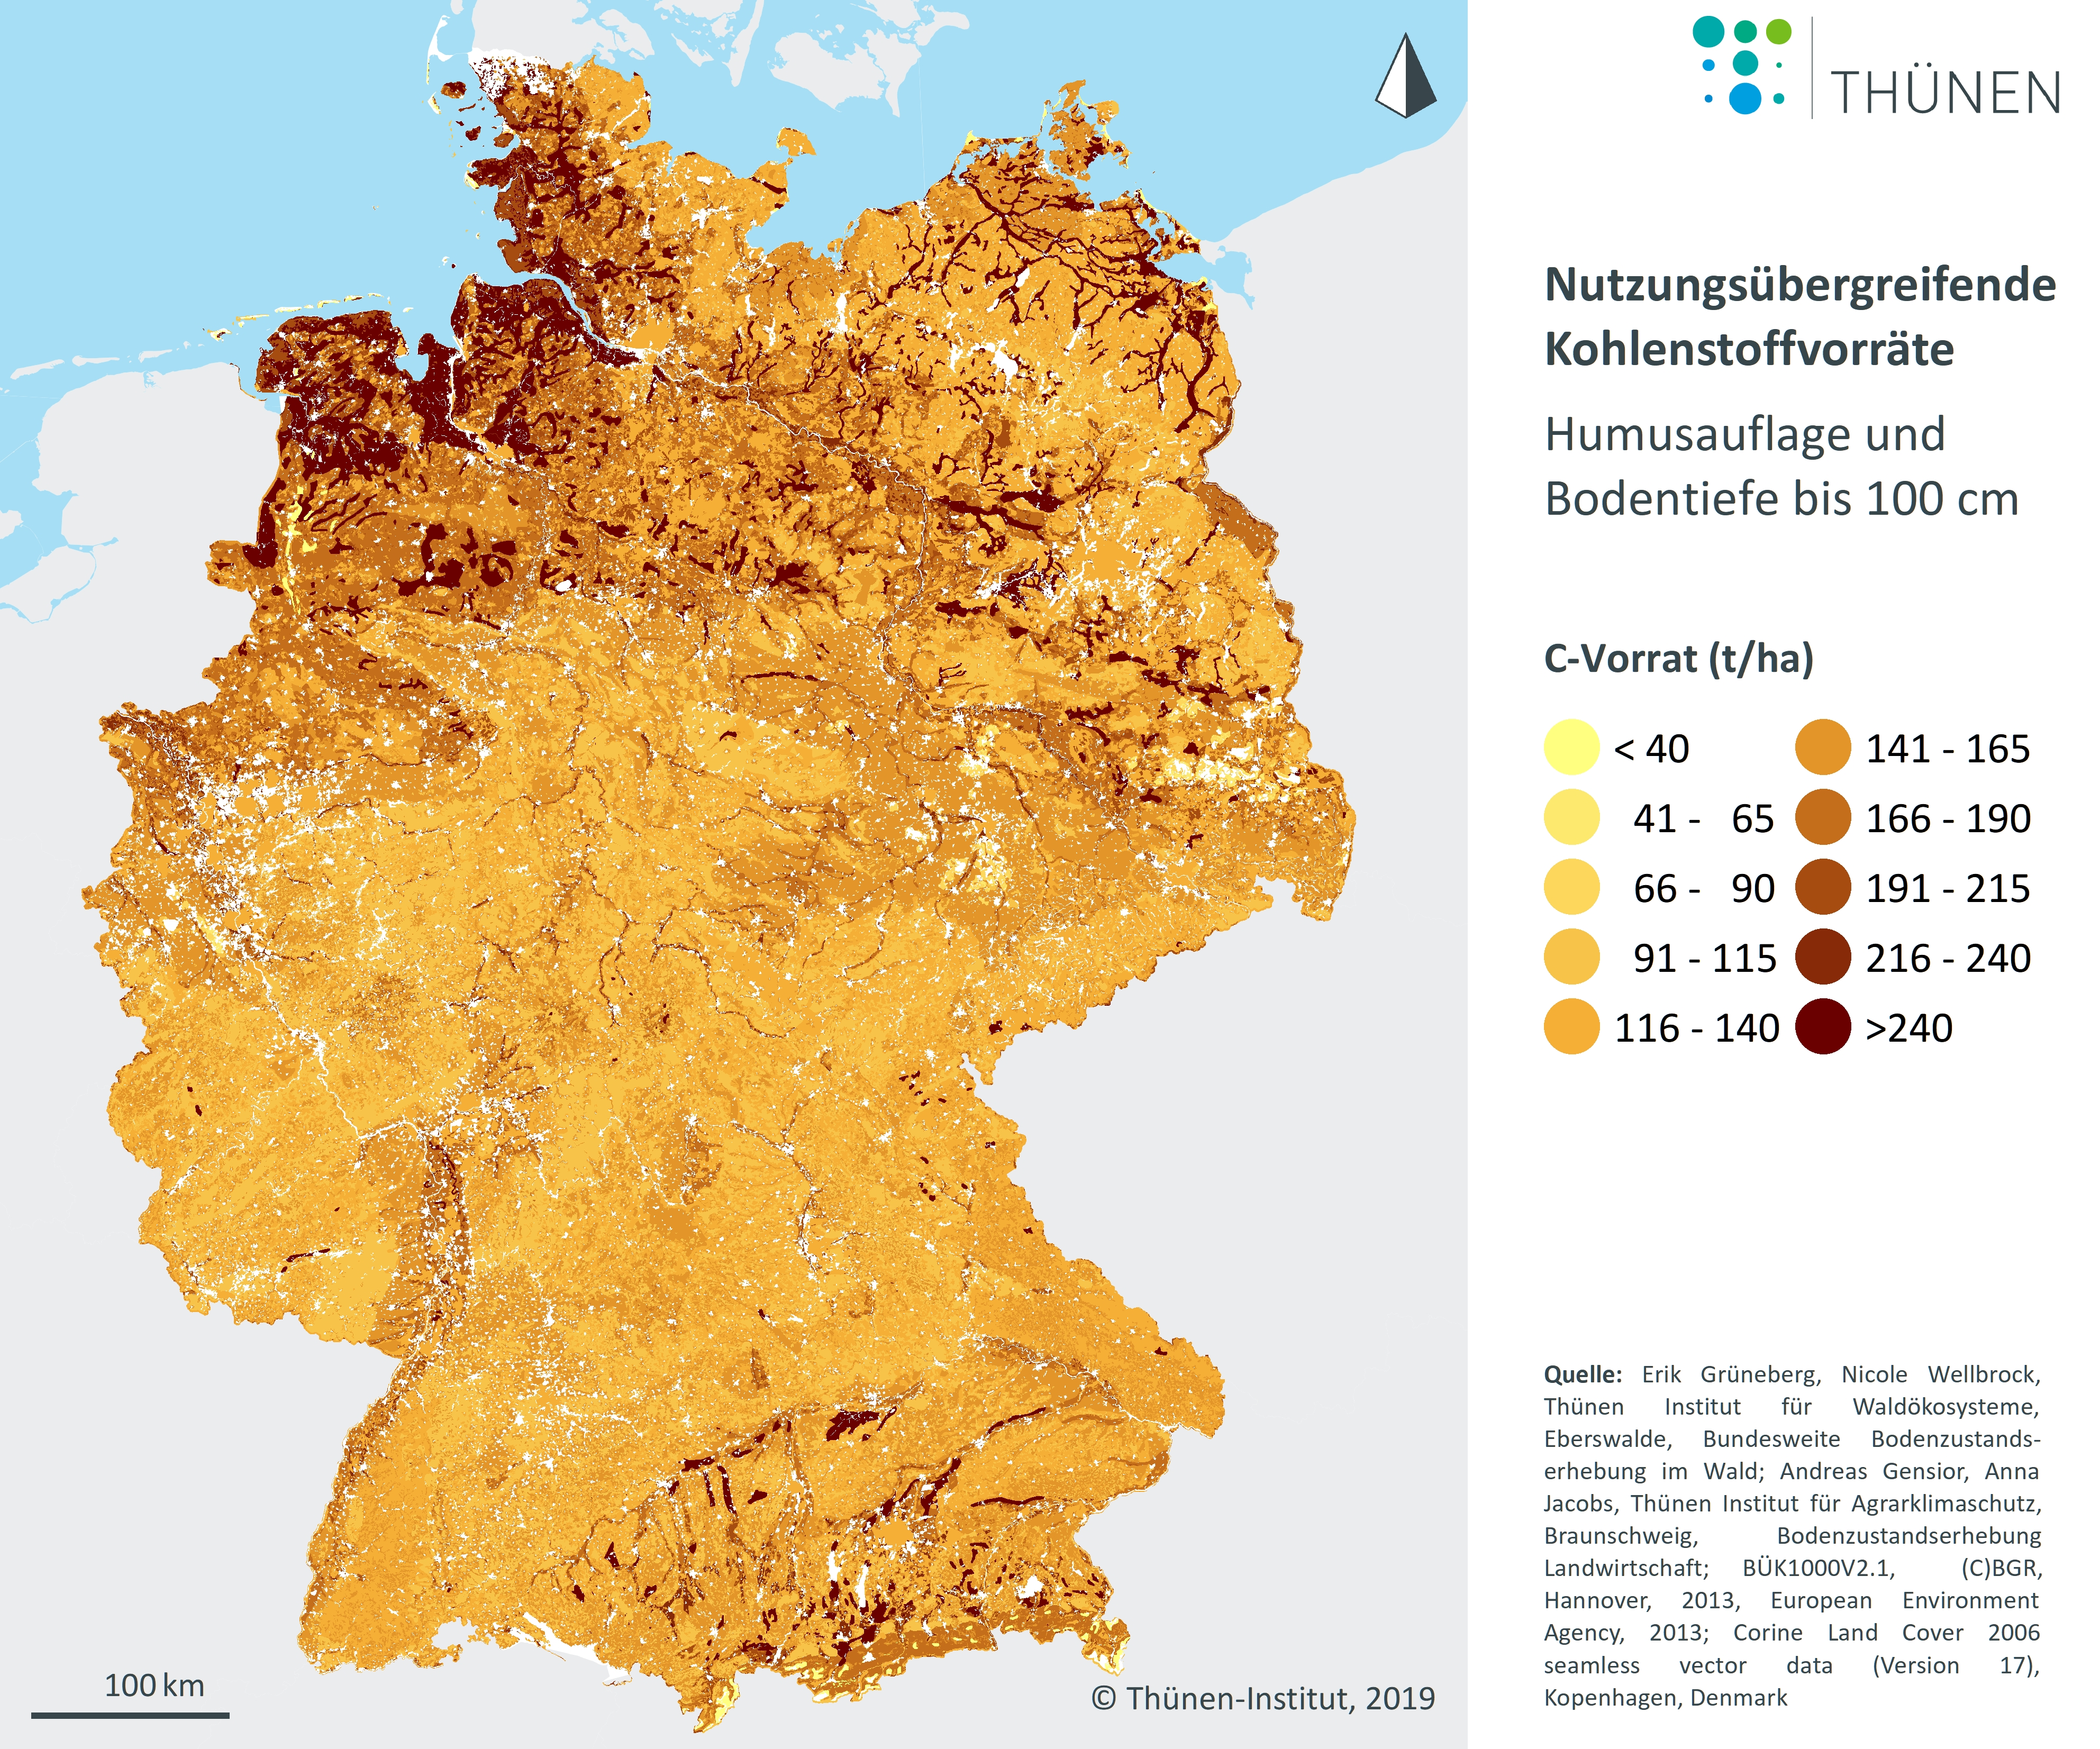 bodenqualität deutschland karte Humusstatus der Böden | Umweltbundesamt